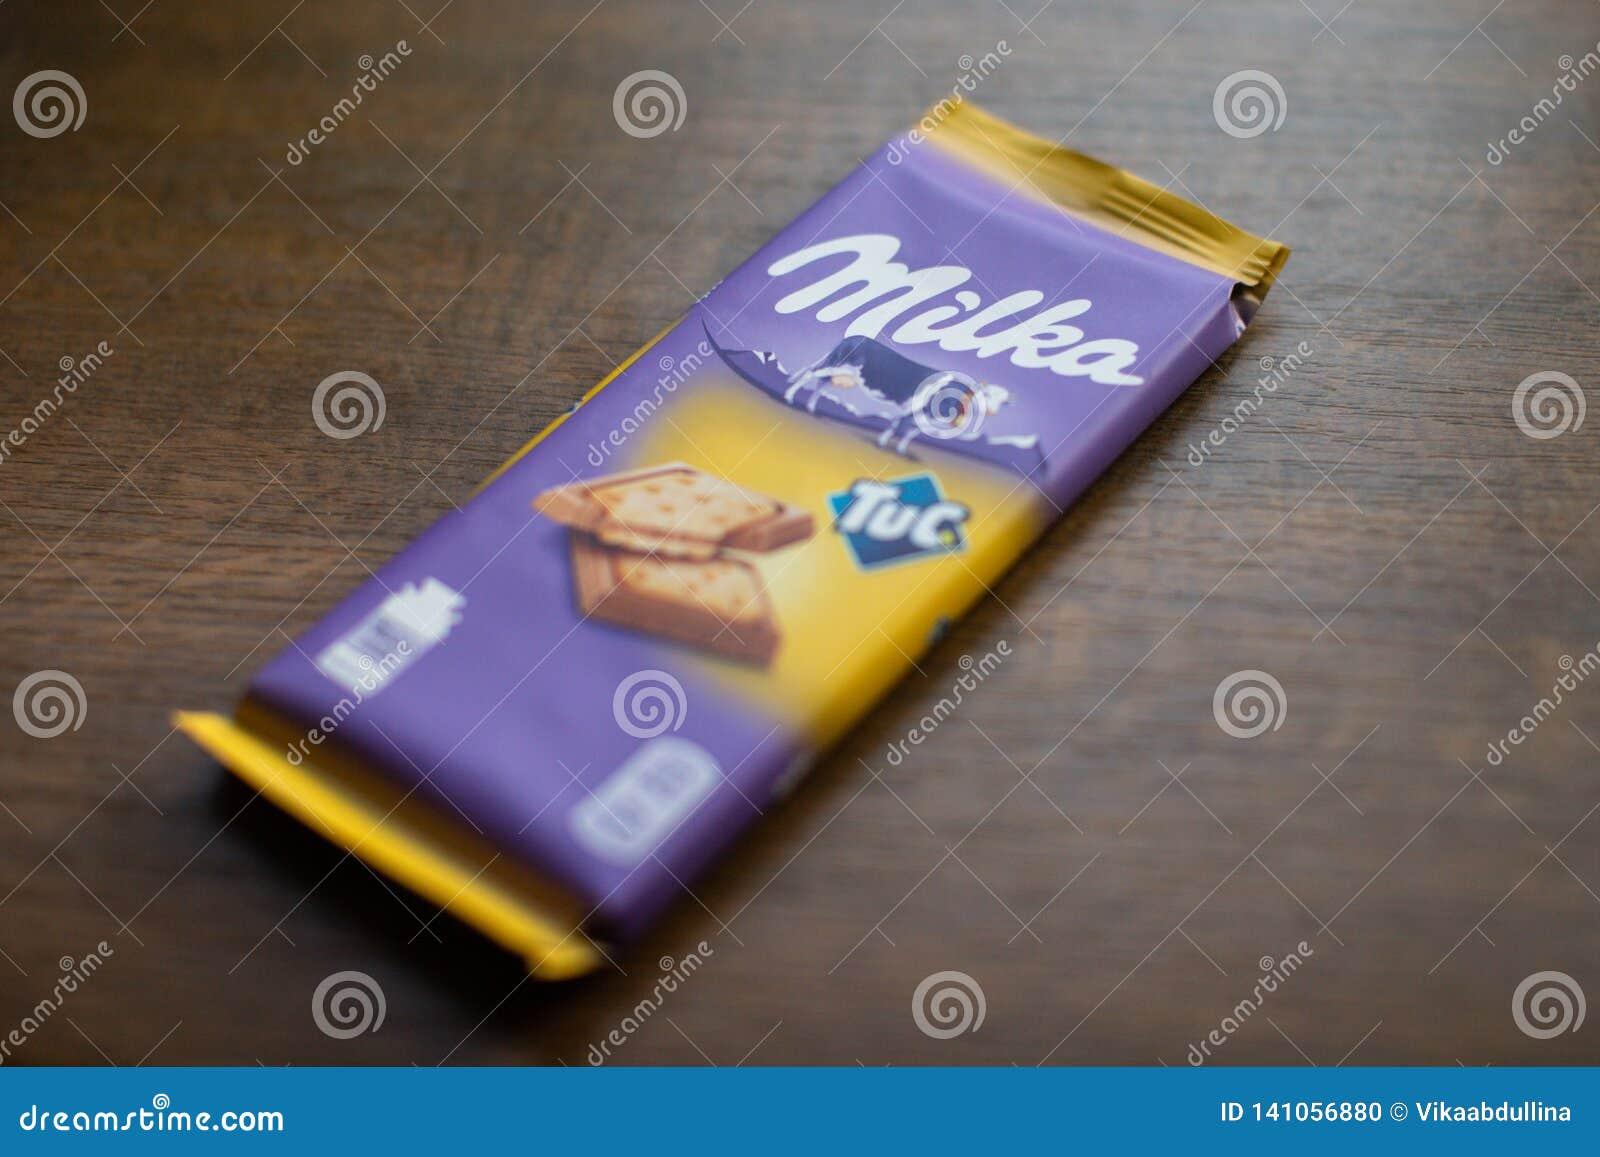 Шоколадный батончик Milka с шутихой Tuc с деревянной предпосылкой Milka бренд confection шоколада MondelÄ «z международным